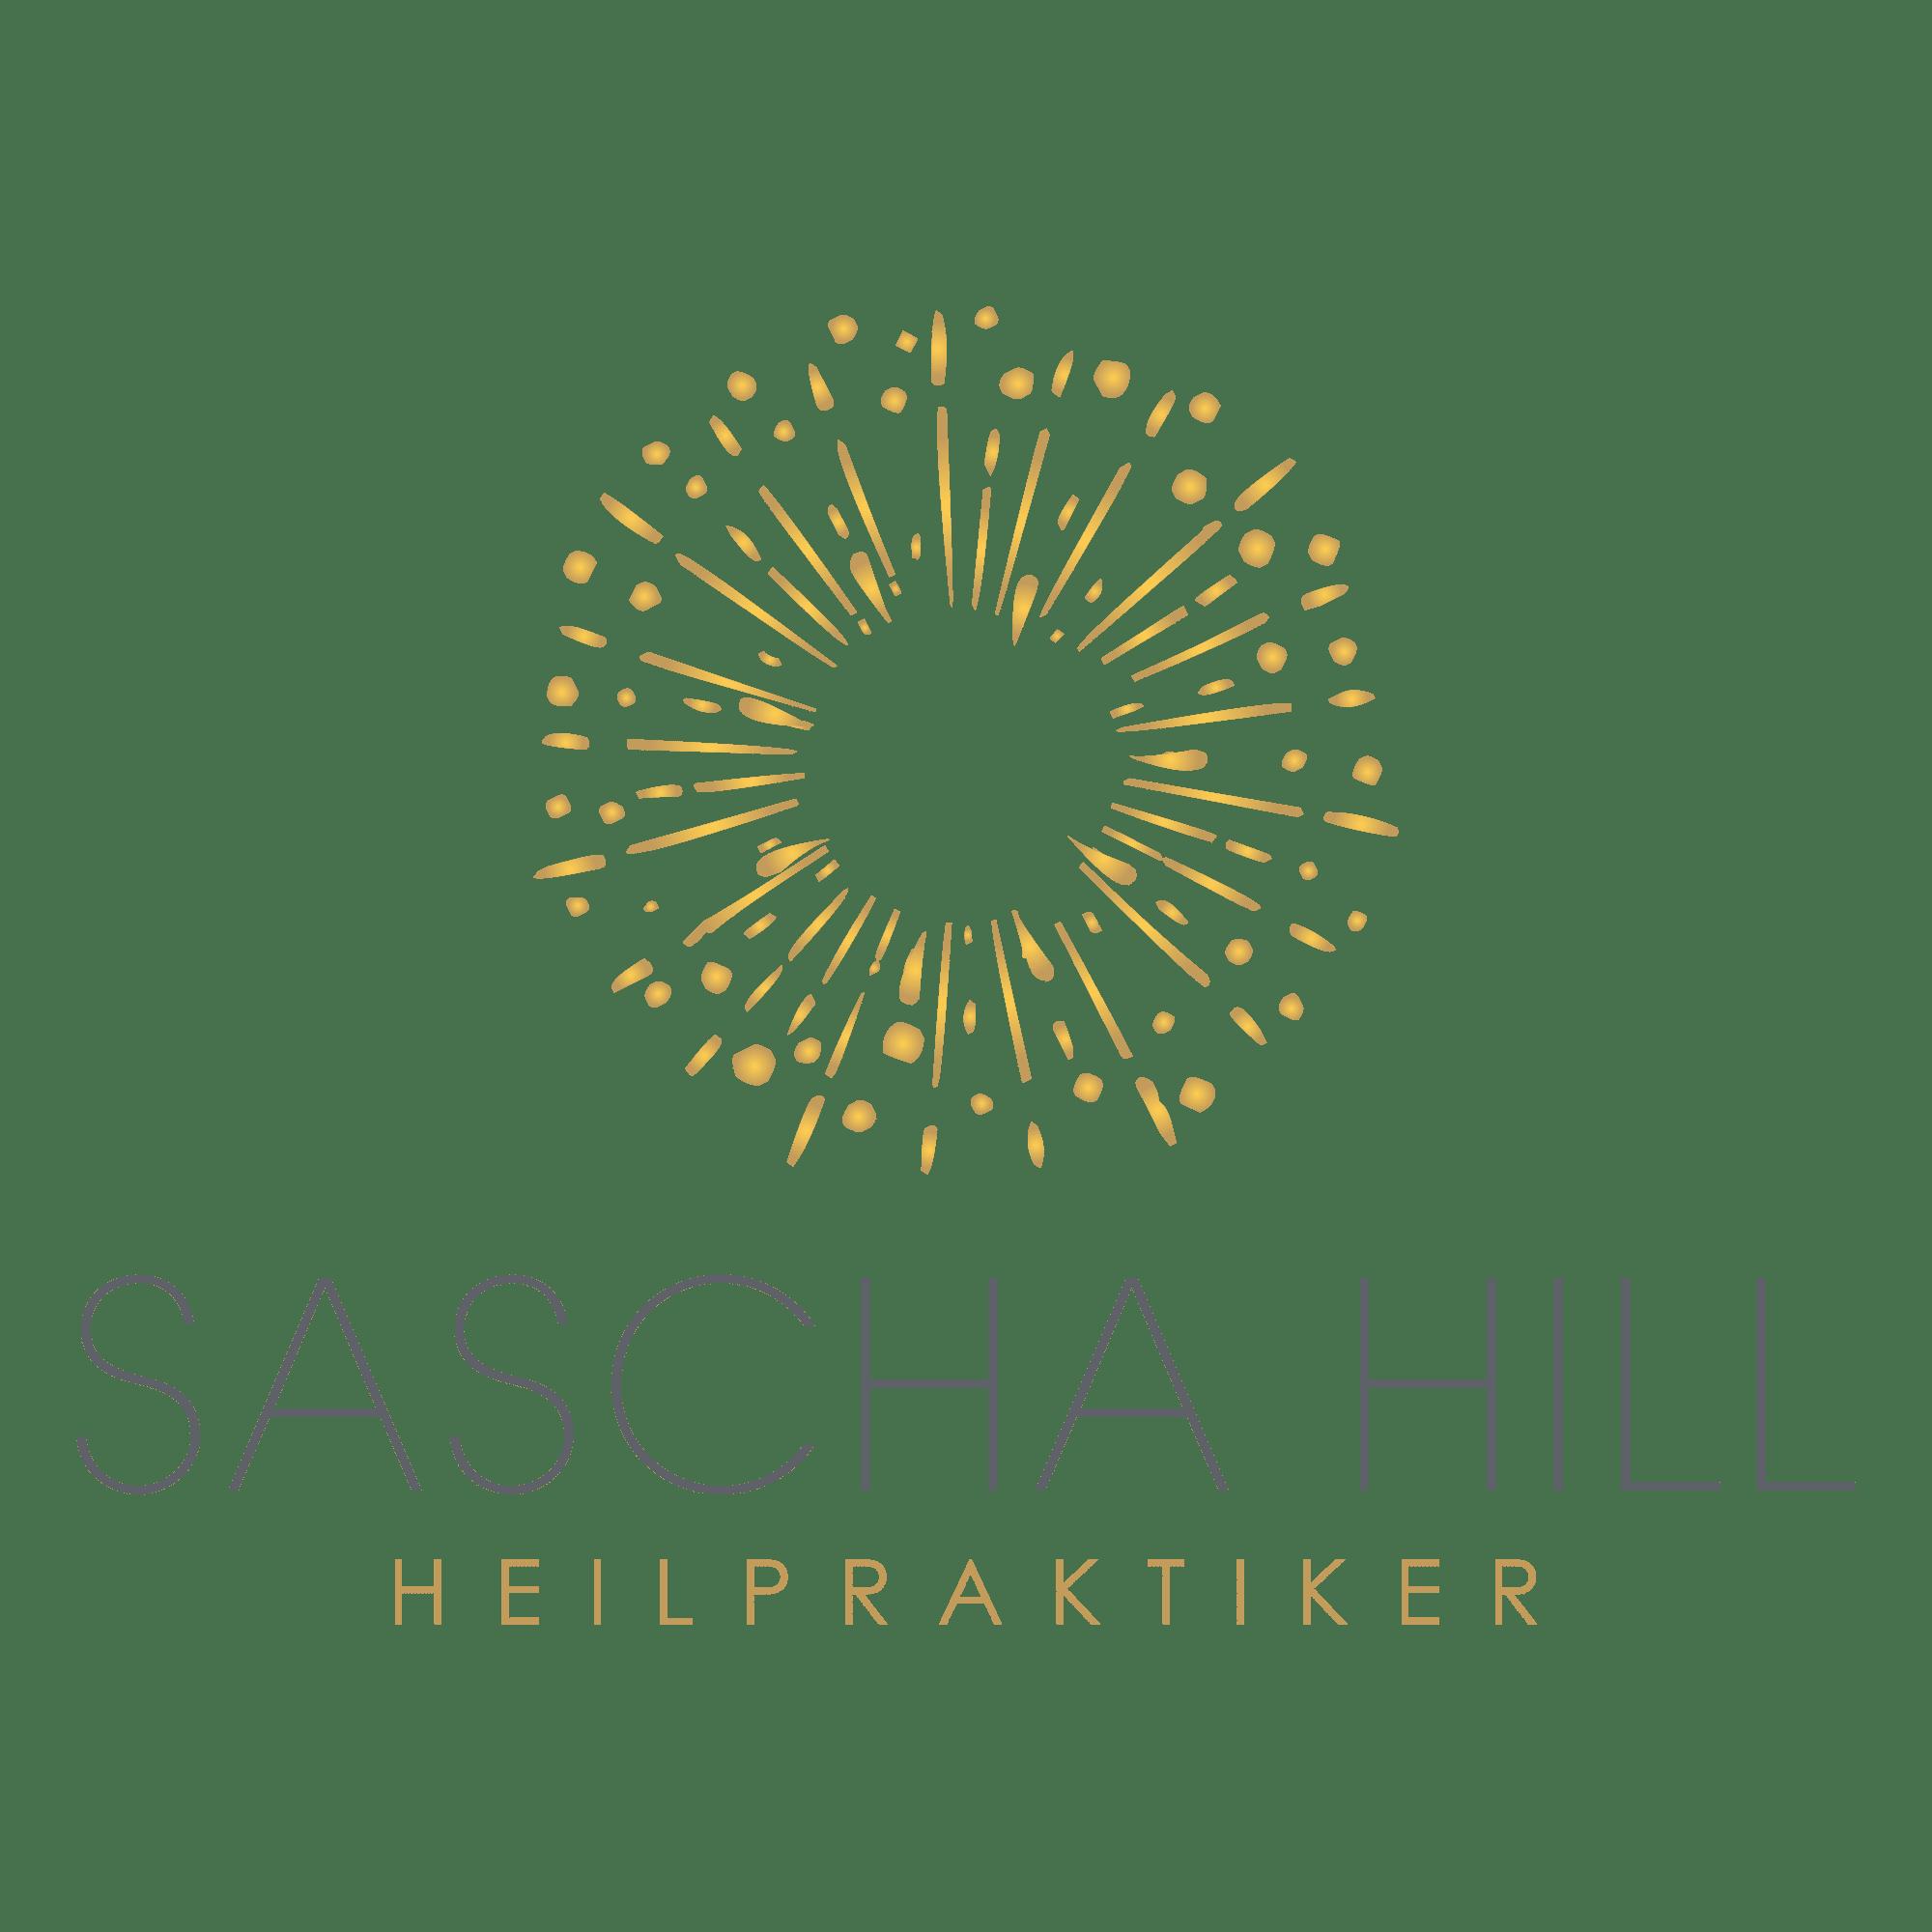 Heilpraktiker Sascha Hill in Miesbach